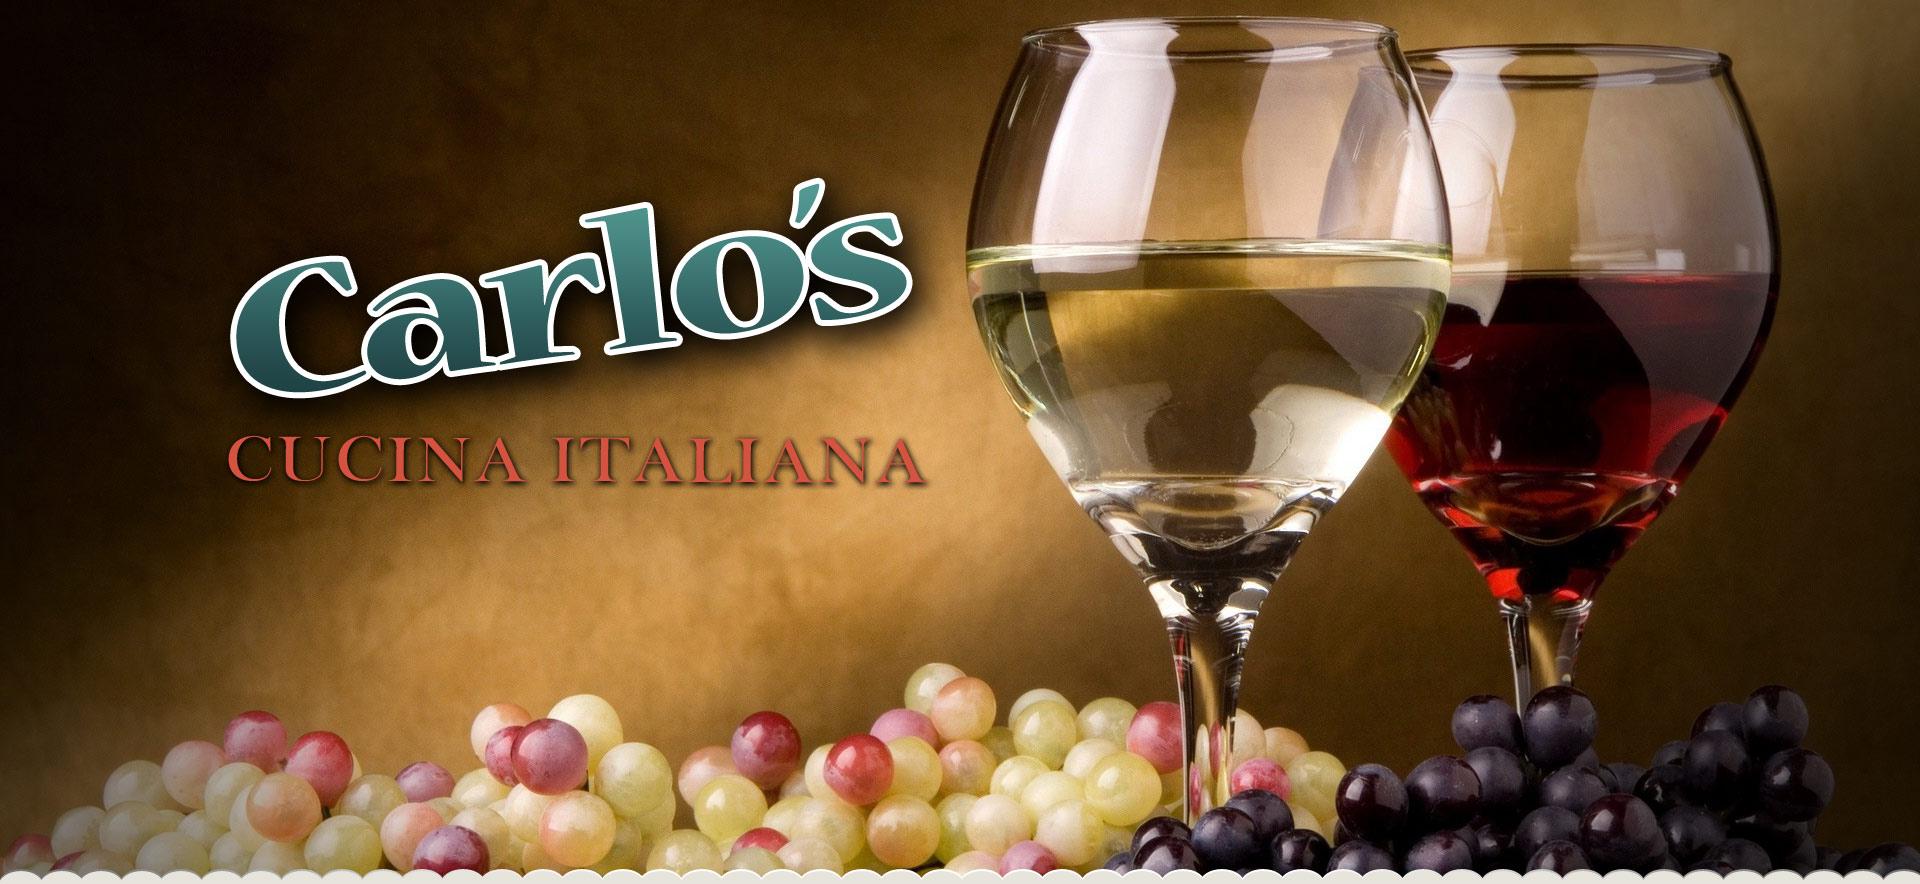 carlos italiana restaurant